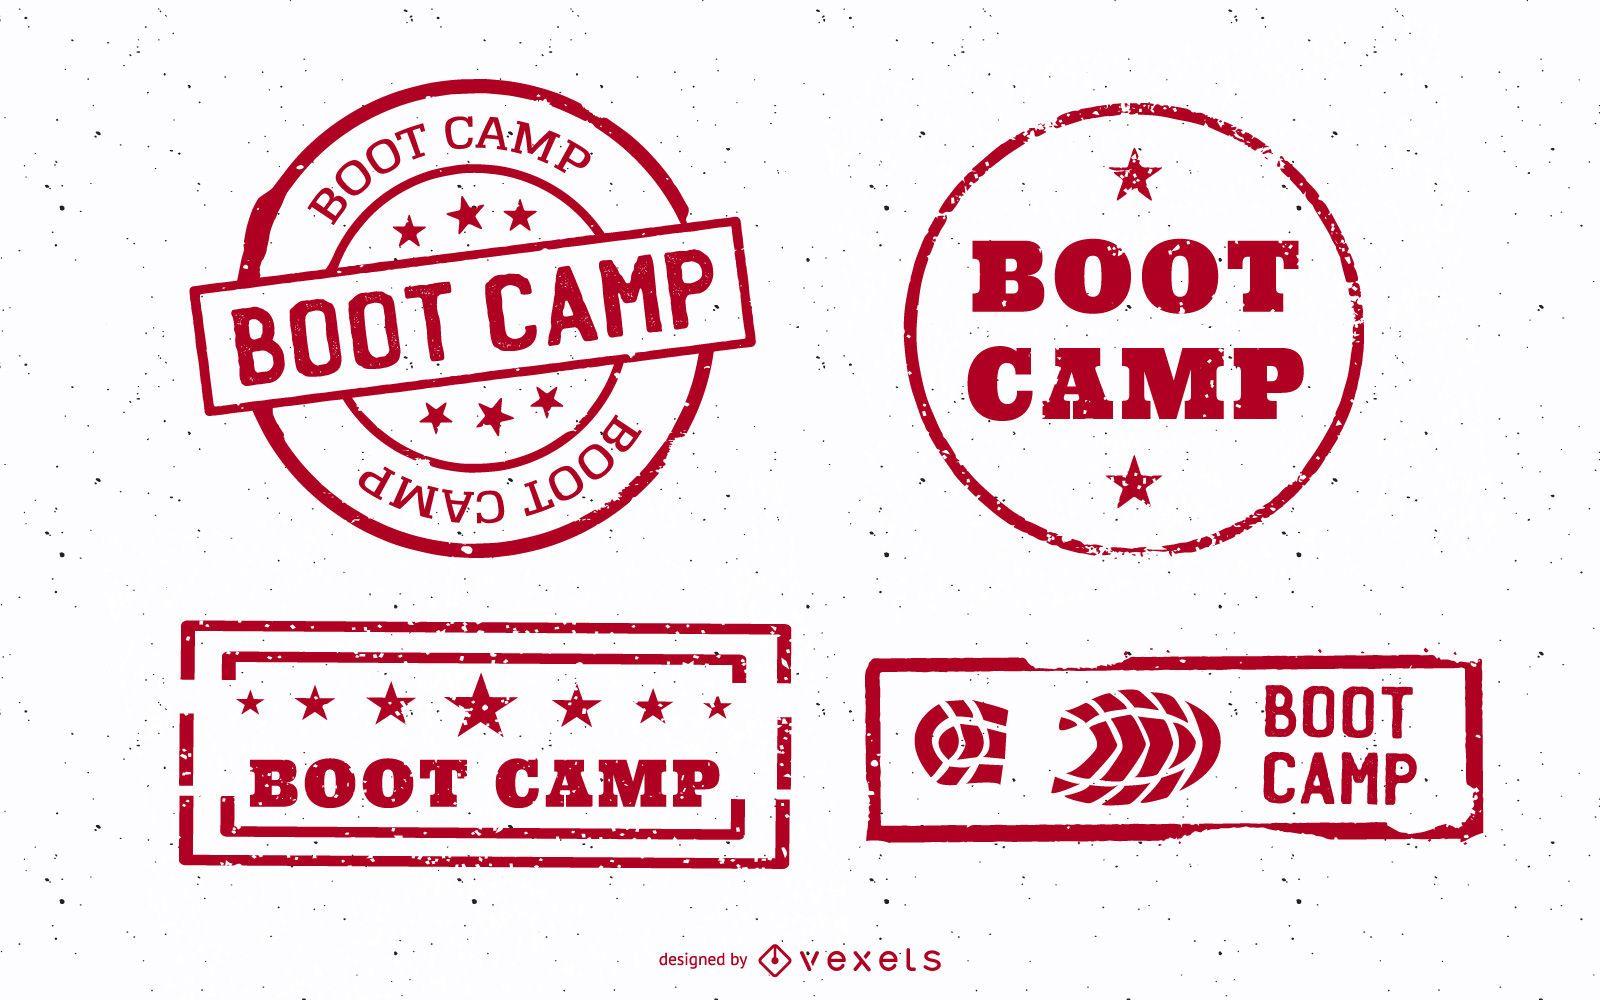 Conjunto de tocos de boot camp vintage